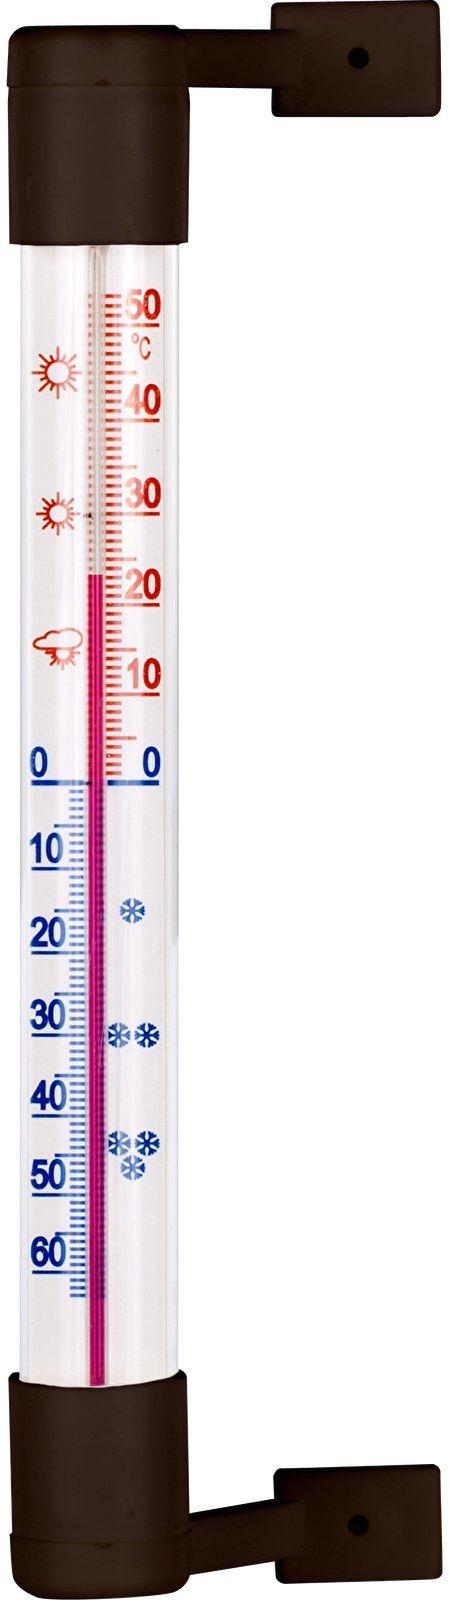 Termometr zewnętrzny brązowy